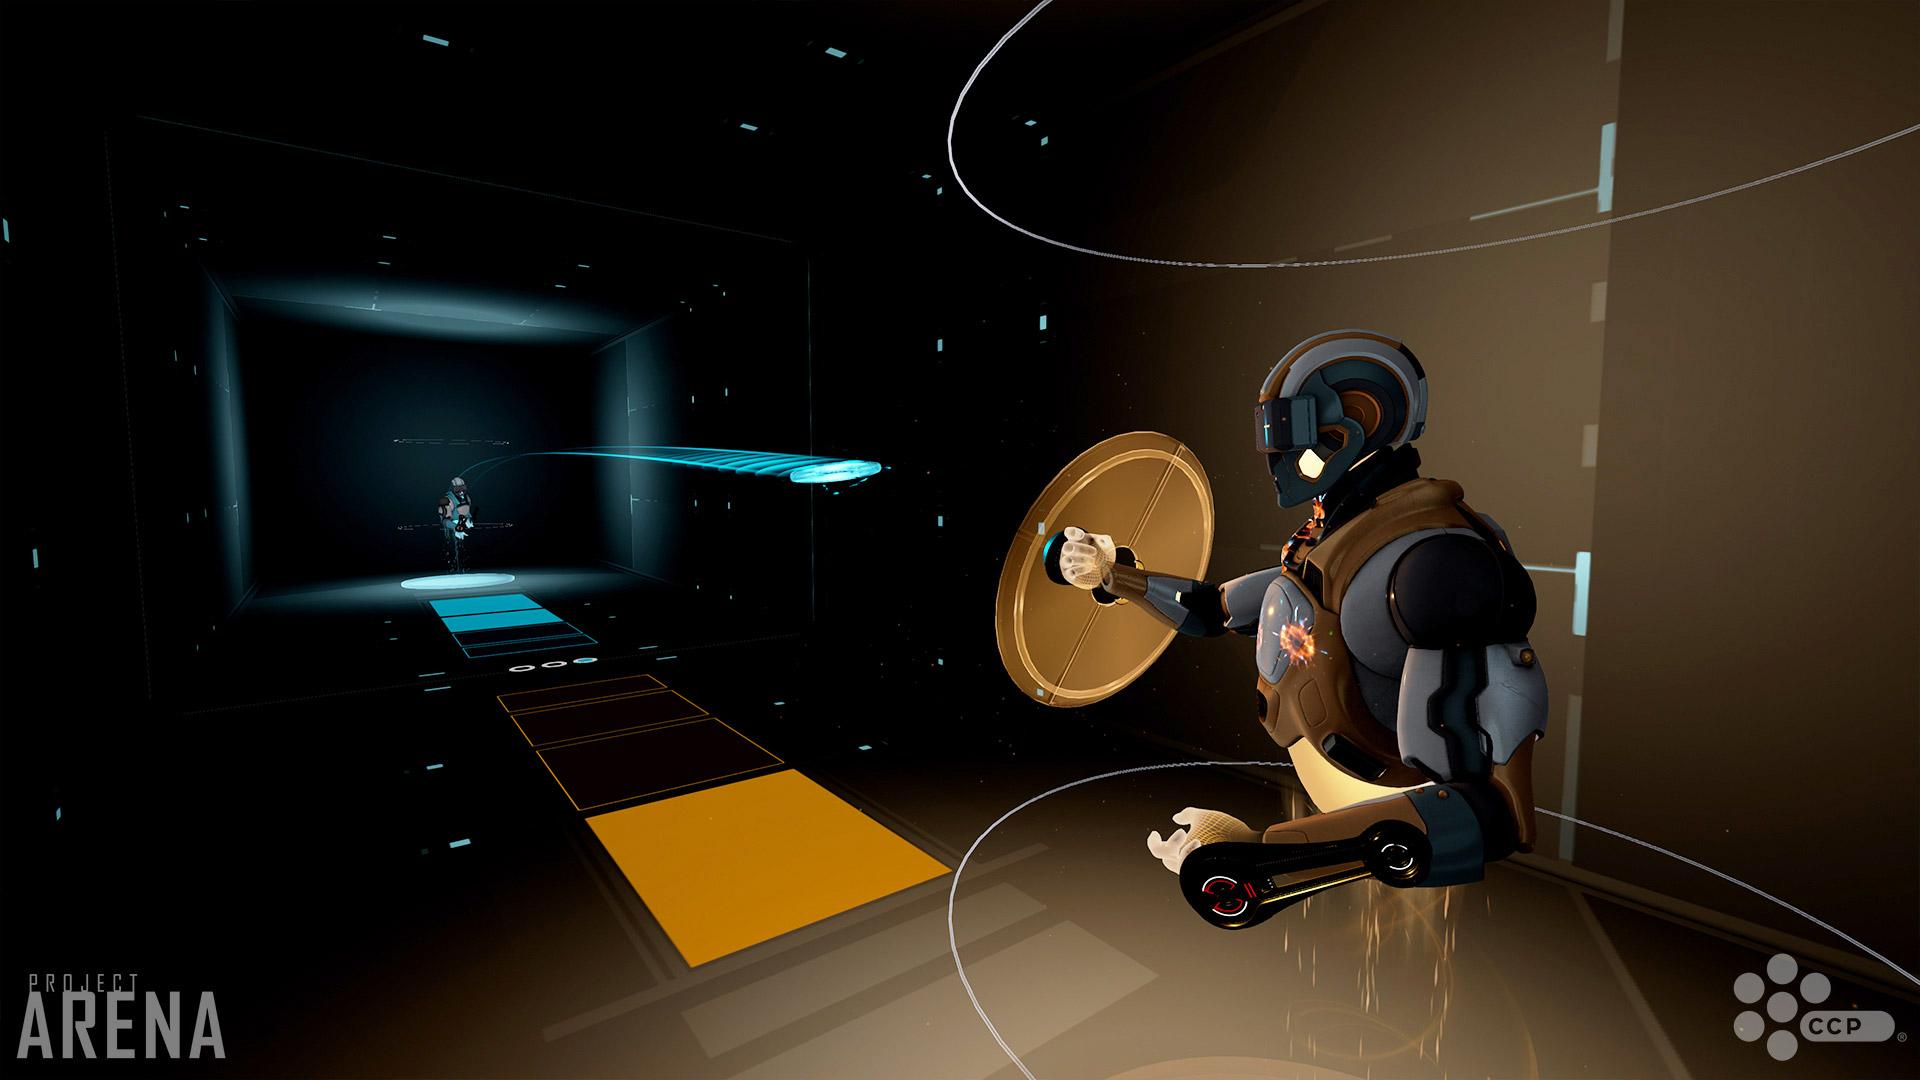 VR専用ゲーム「Project Arena」は、まるで映画TRON(トロン)の世界!